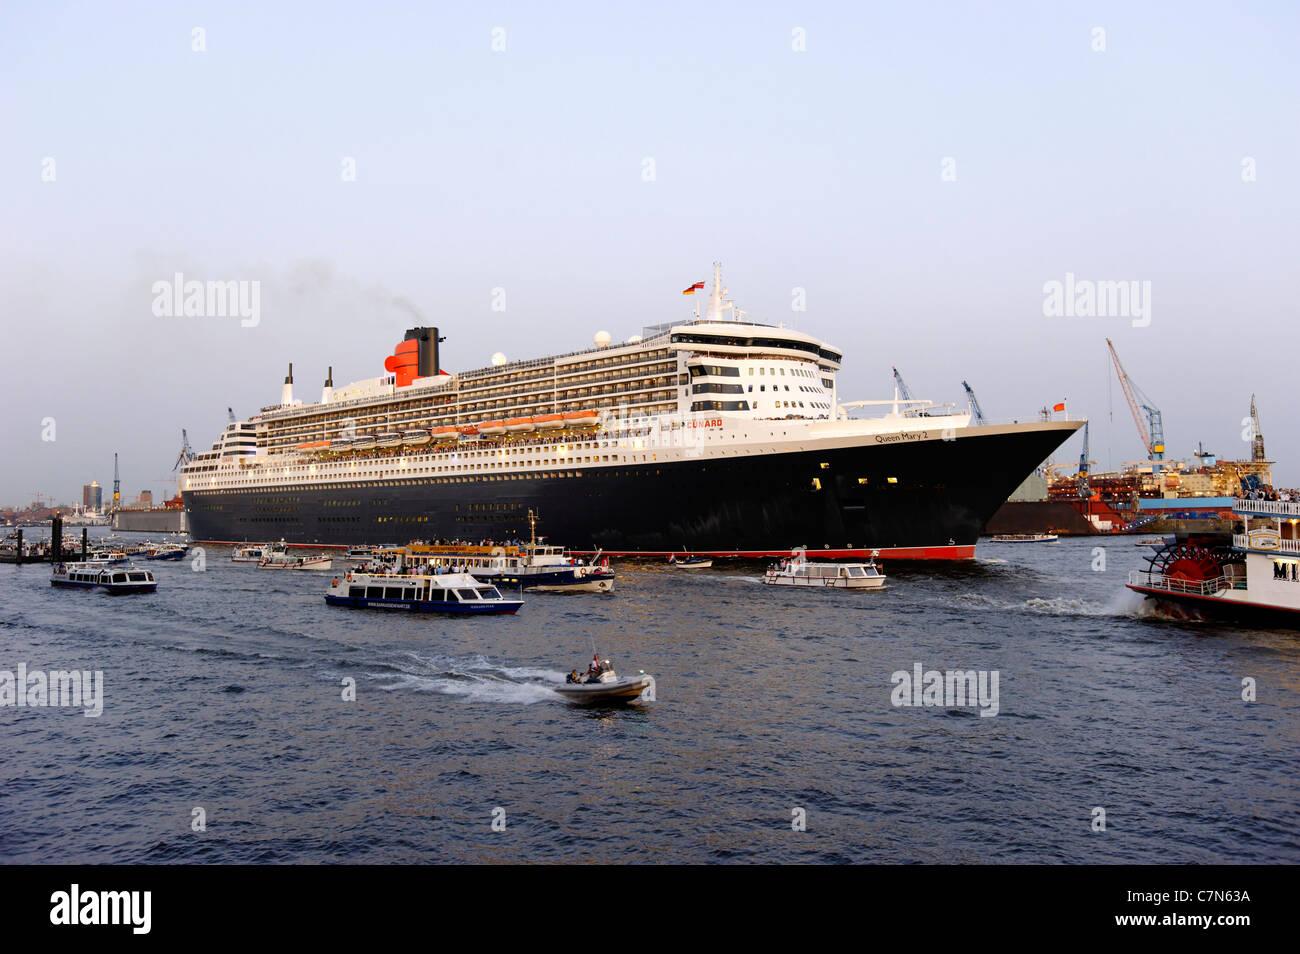 Bateau de croisière Queen Mary 2 à Hambourg, Allemagne, Europe Banque D'Images